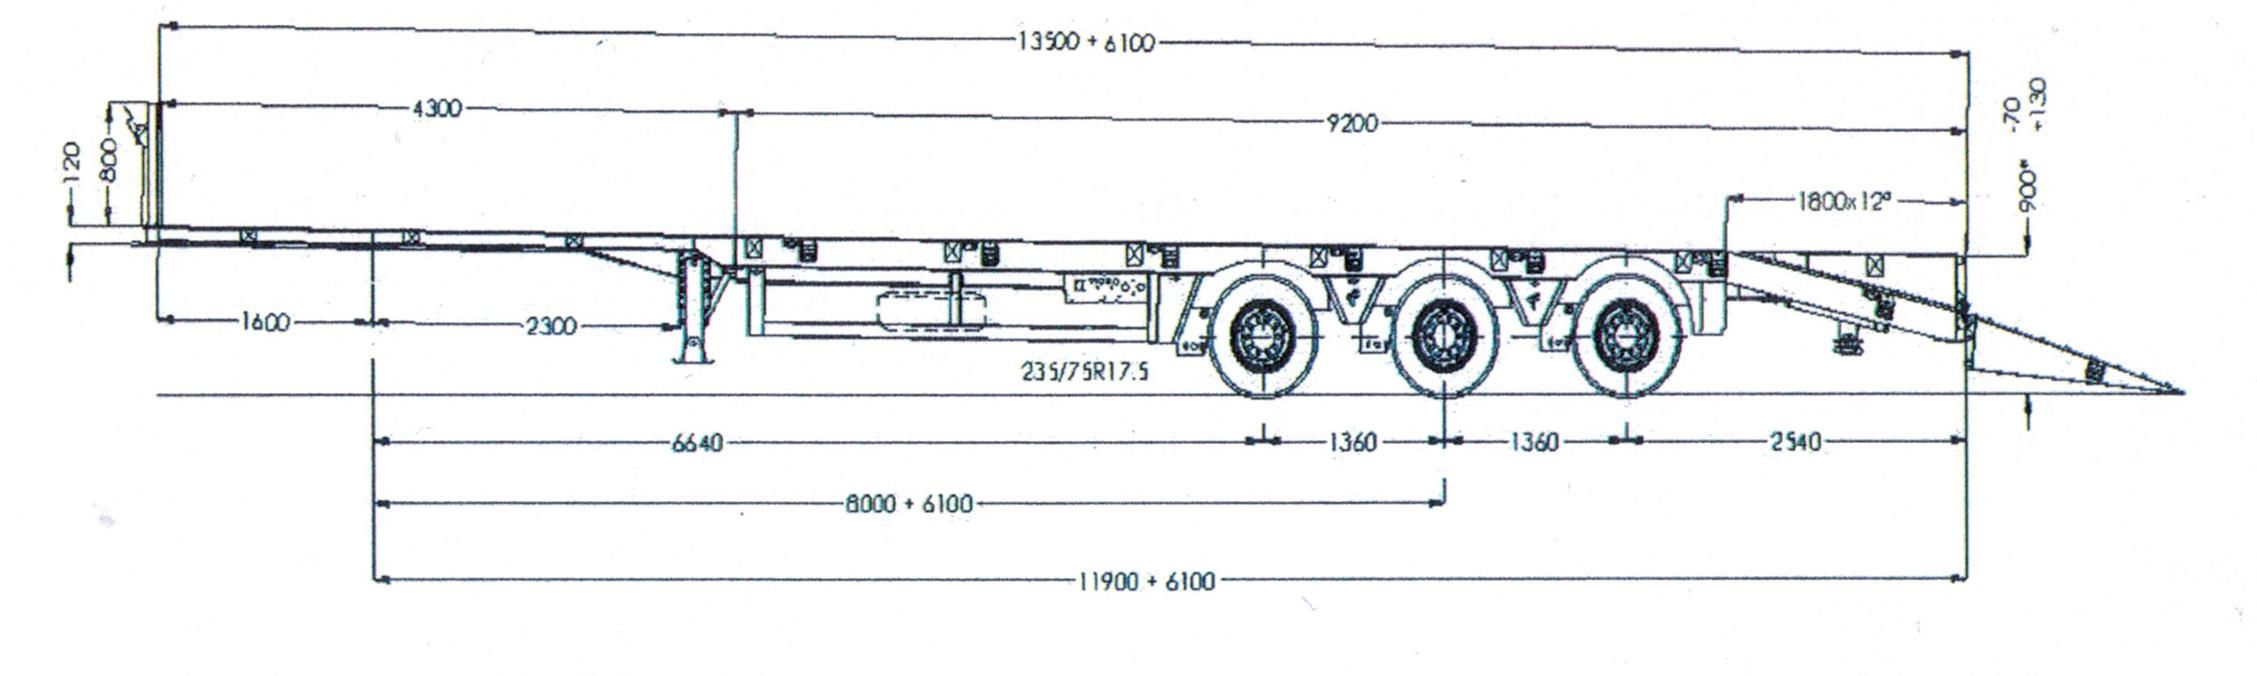 6-Achs-Tele-Tieflader.indd